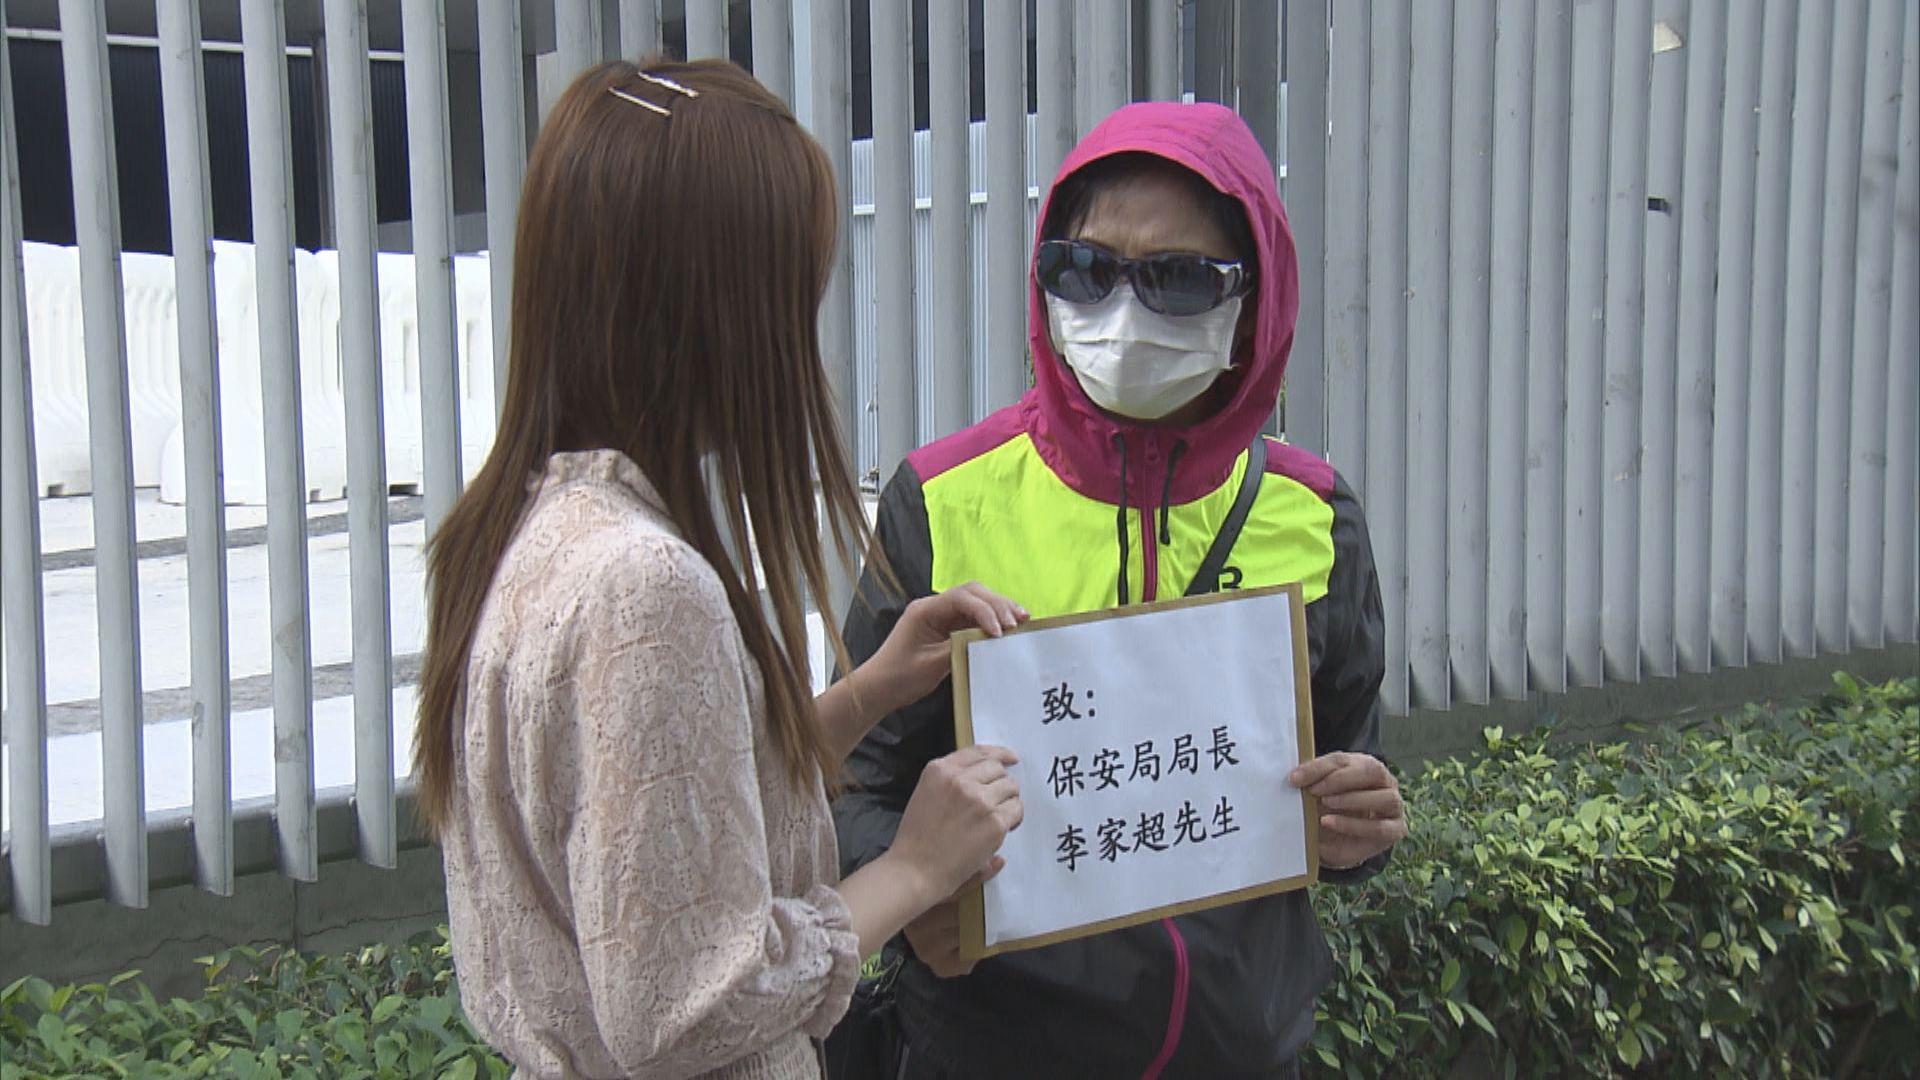 潘母籲港台警方聯絡她 商討讓陳同佳赴台